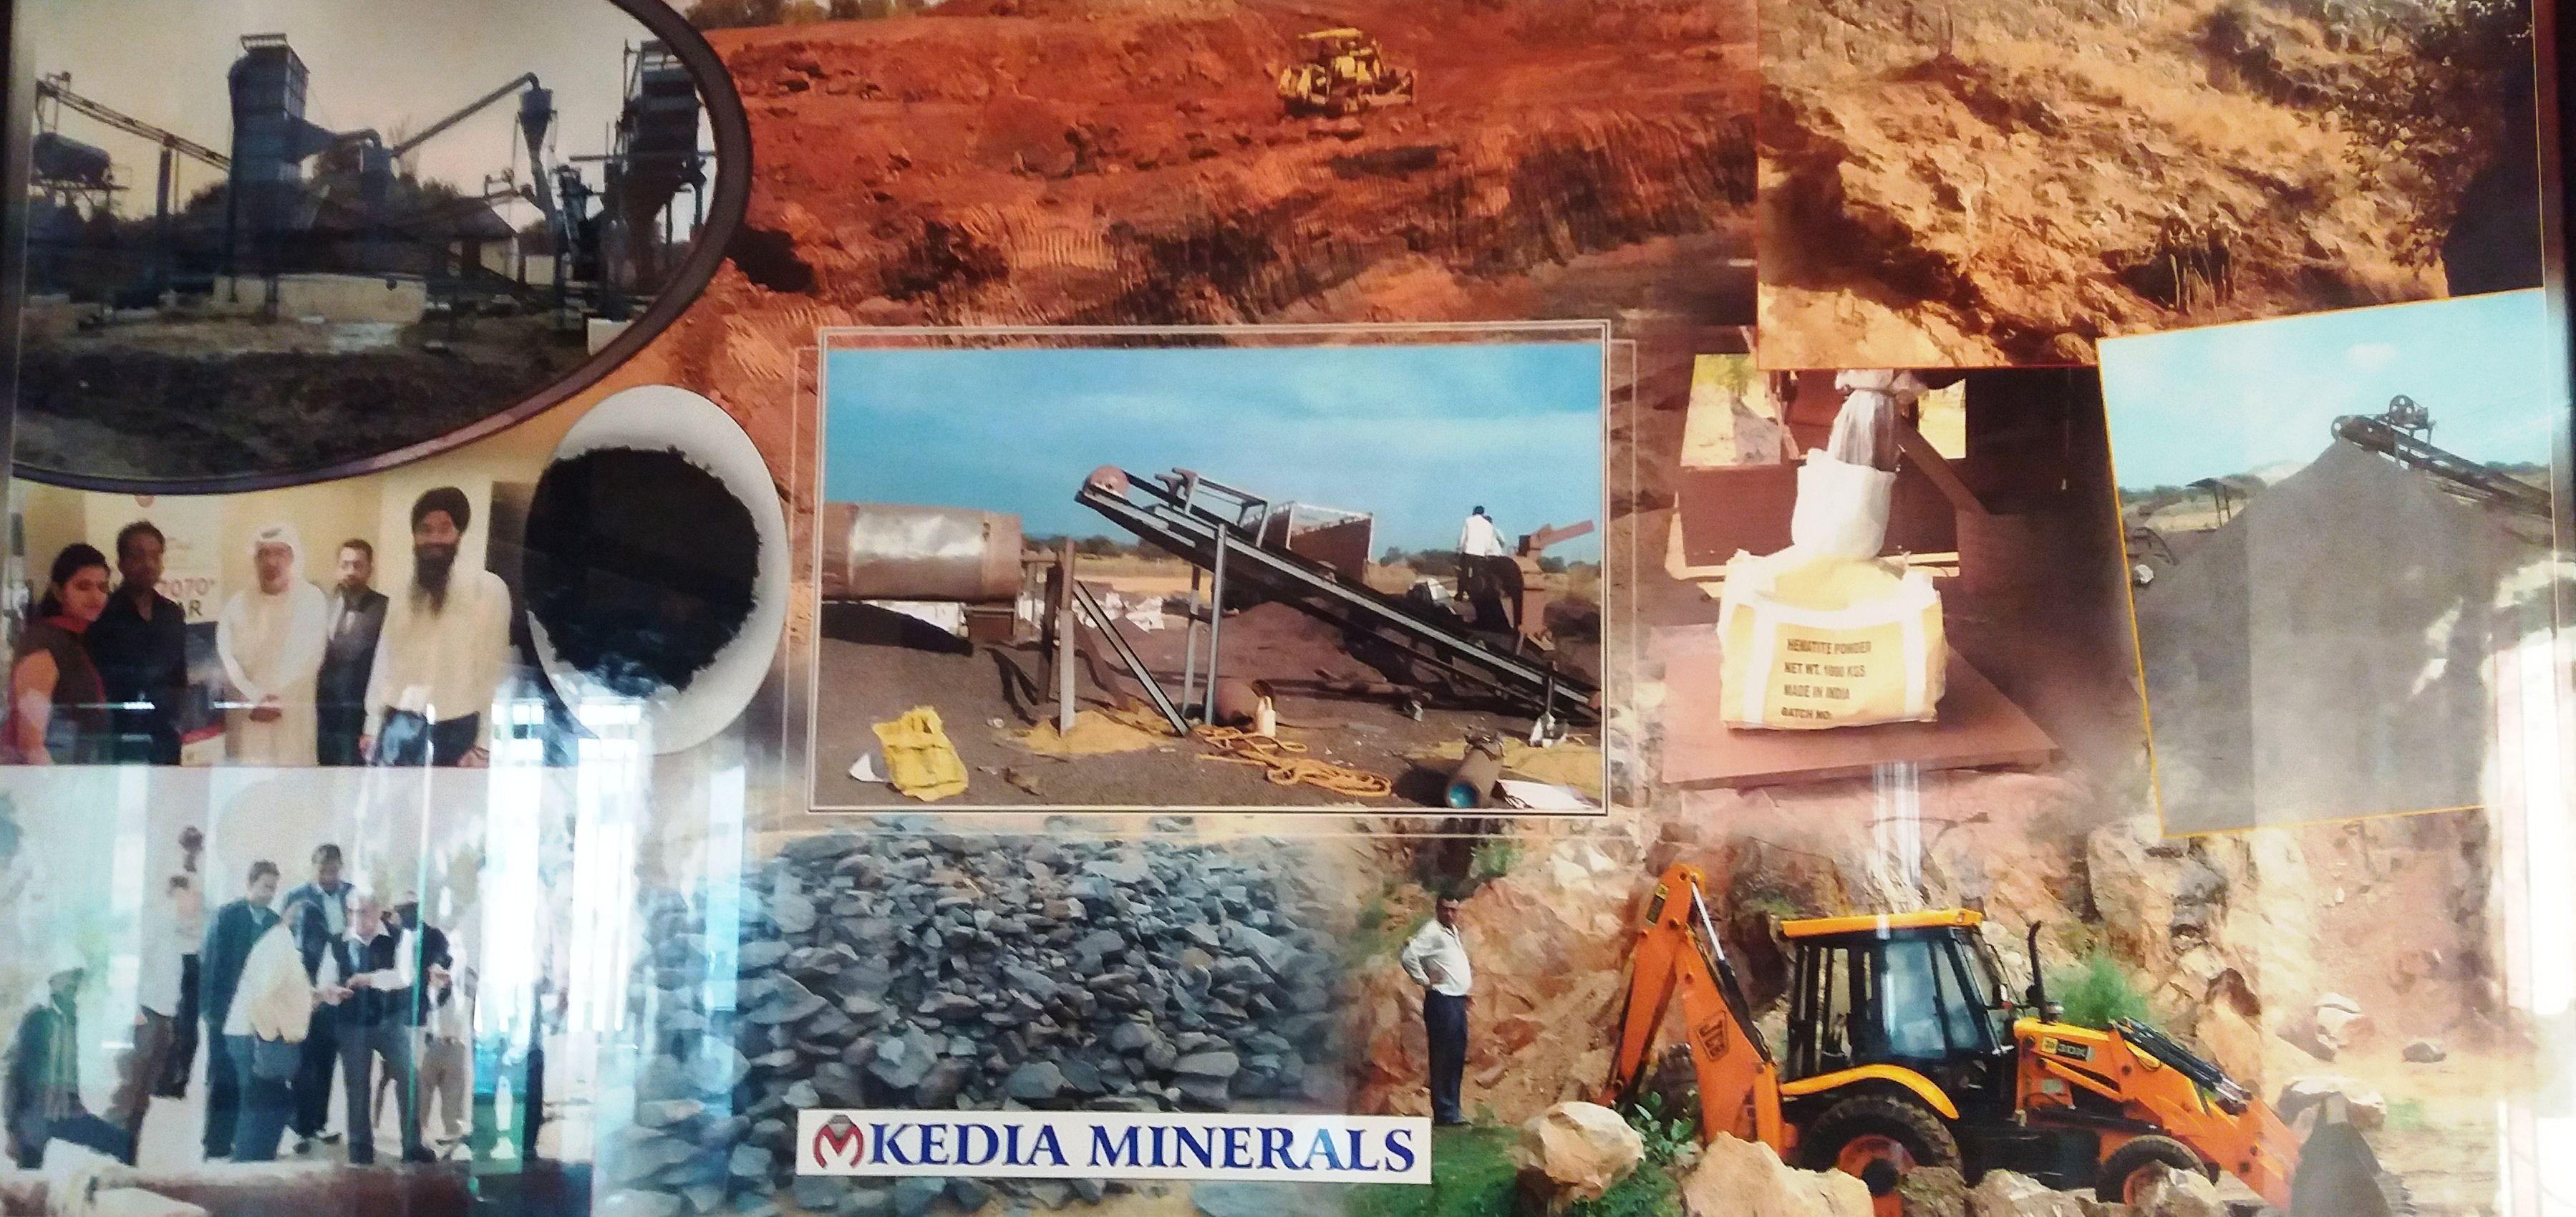 Kedia Minerals